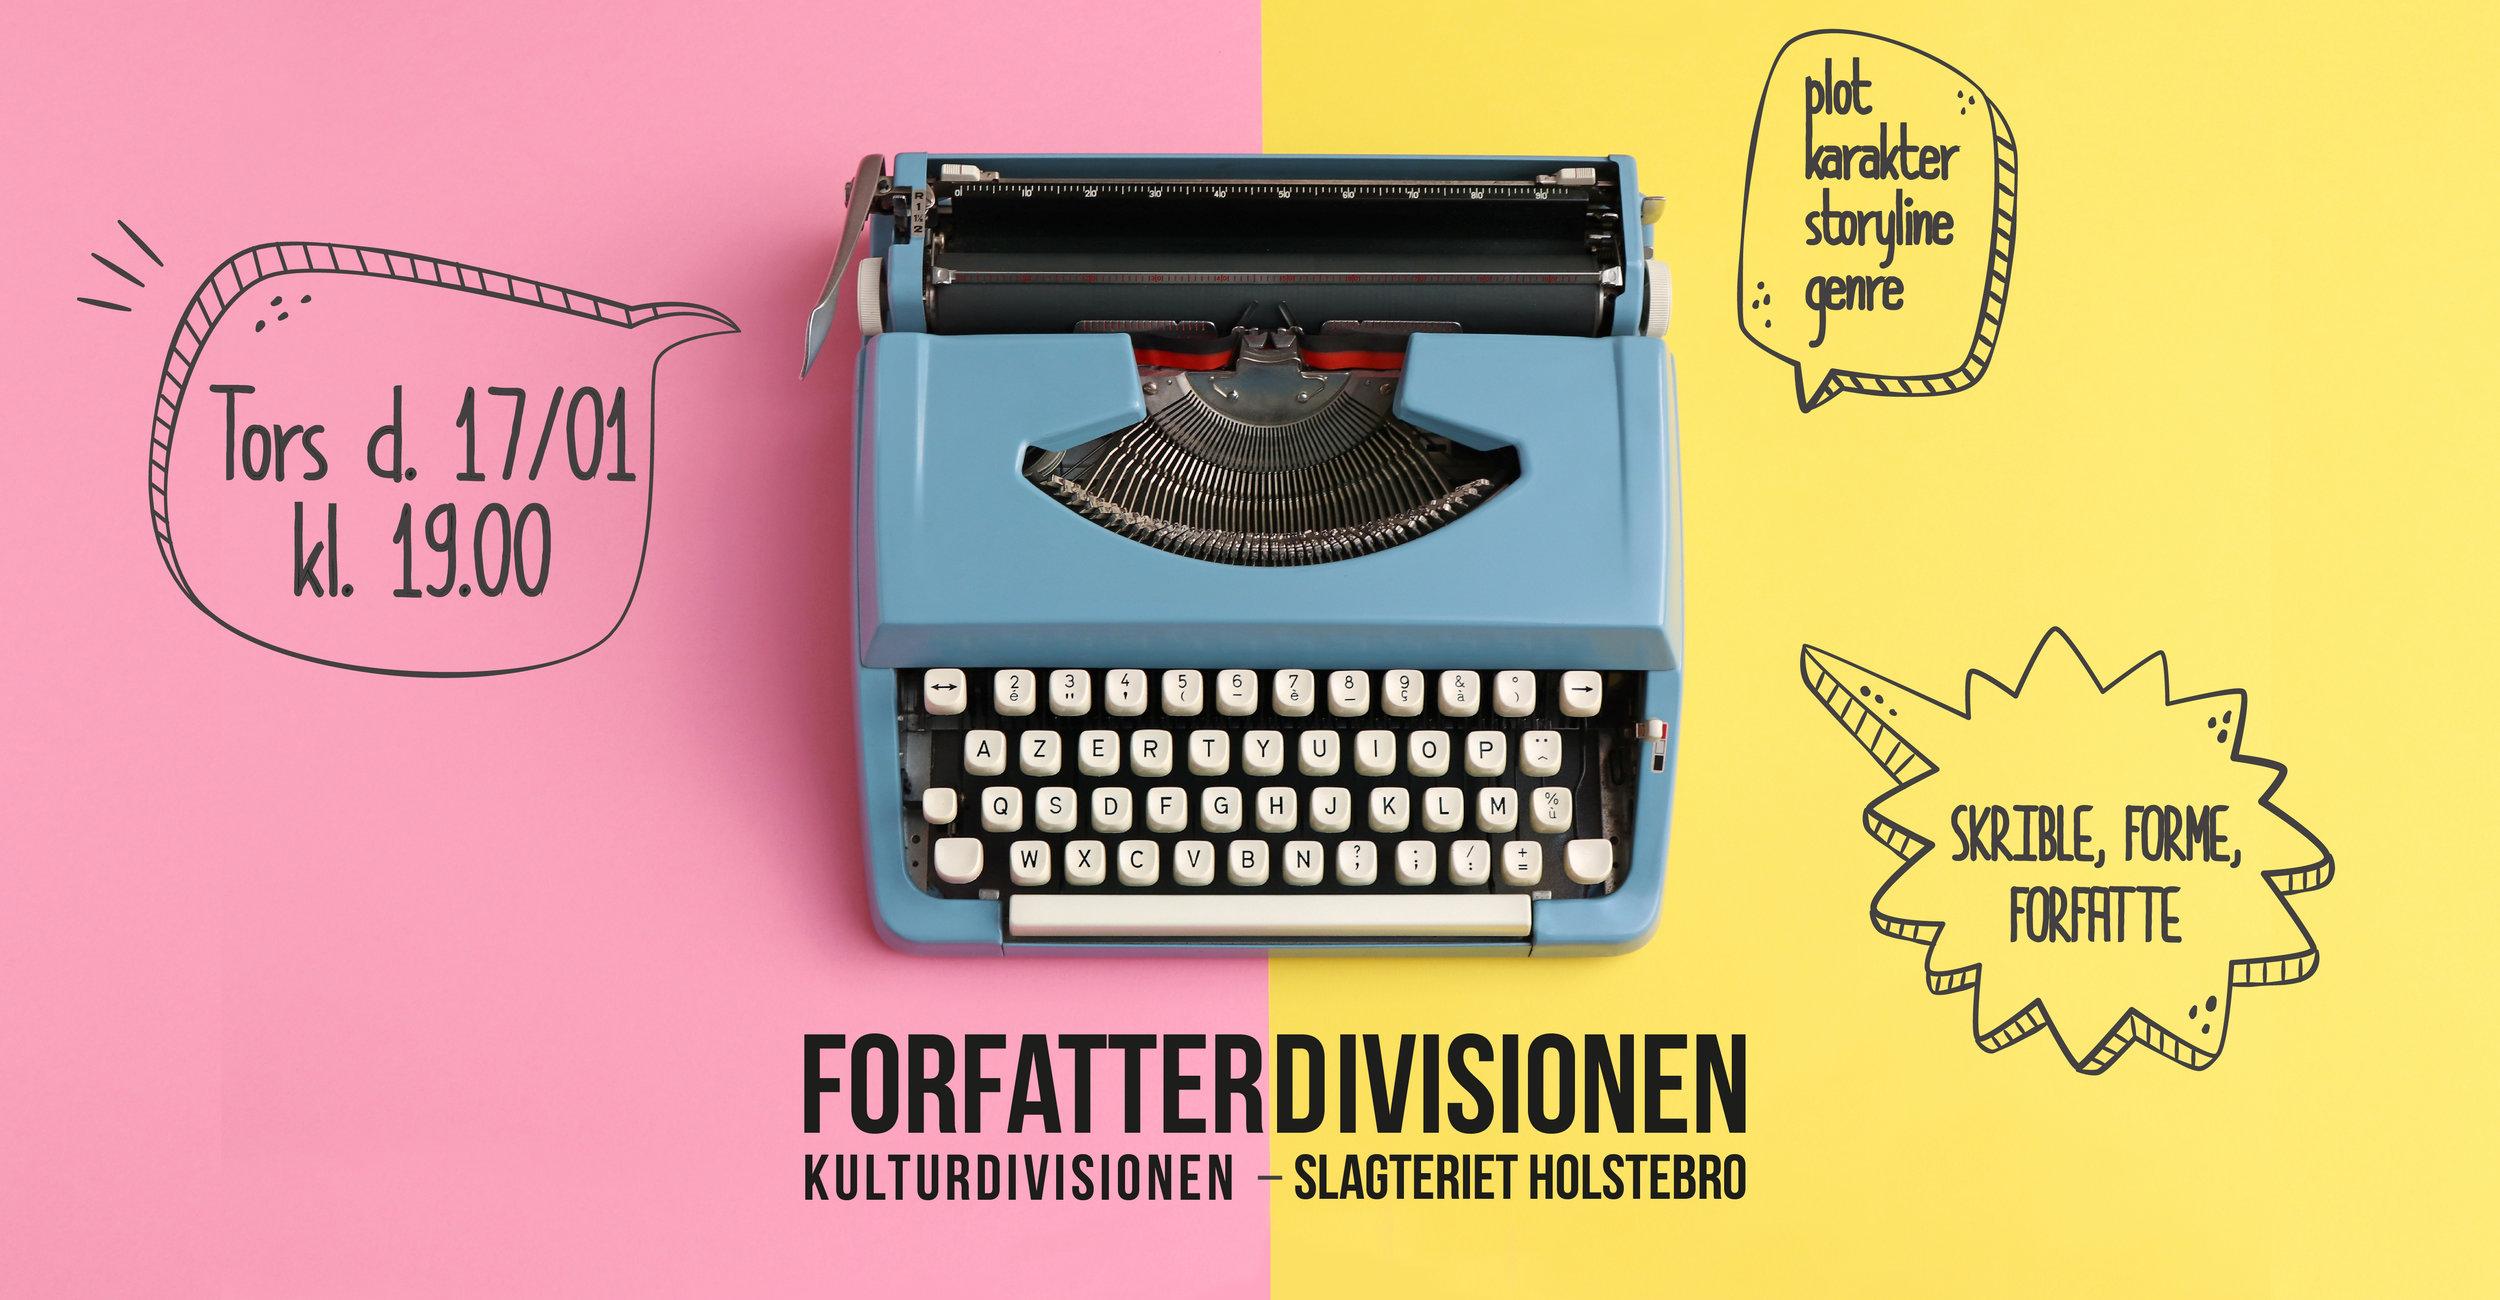 FORFATTERDIVISIONEN  - 5 GANGE